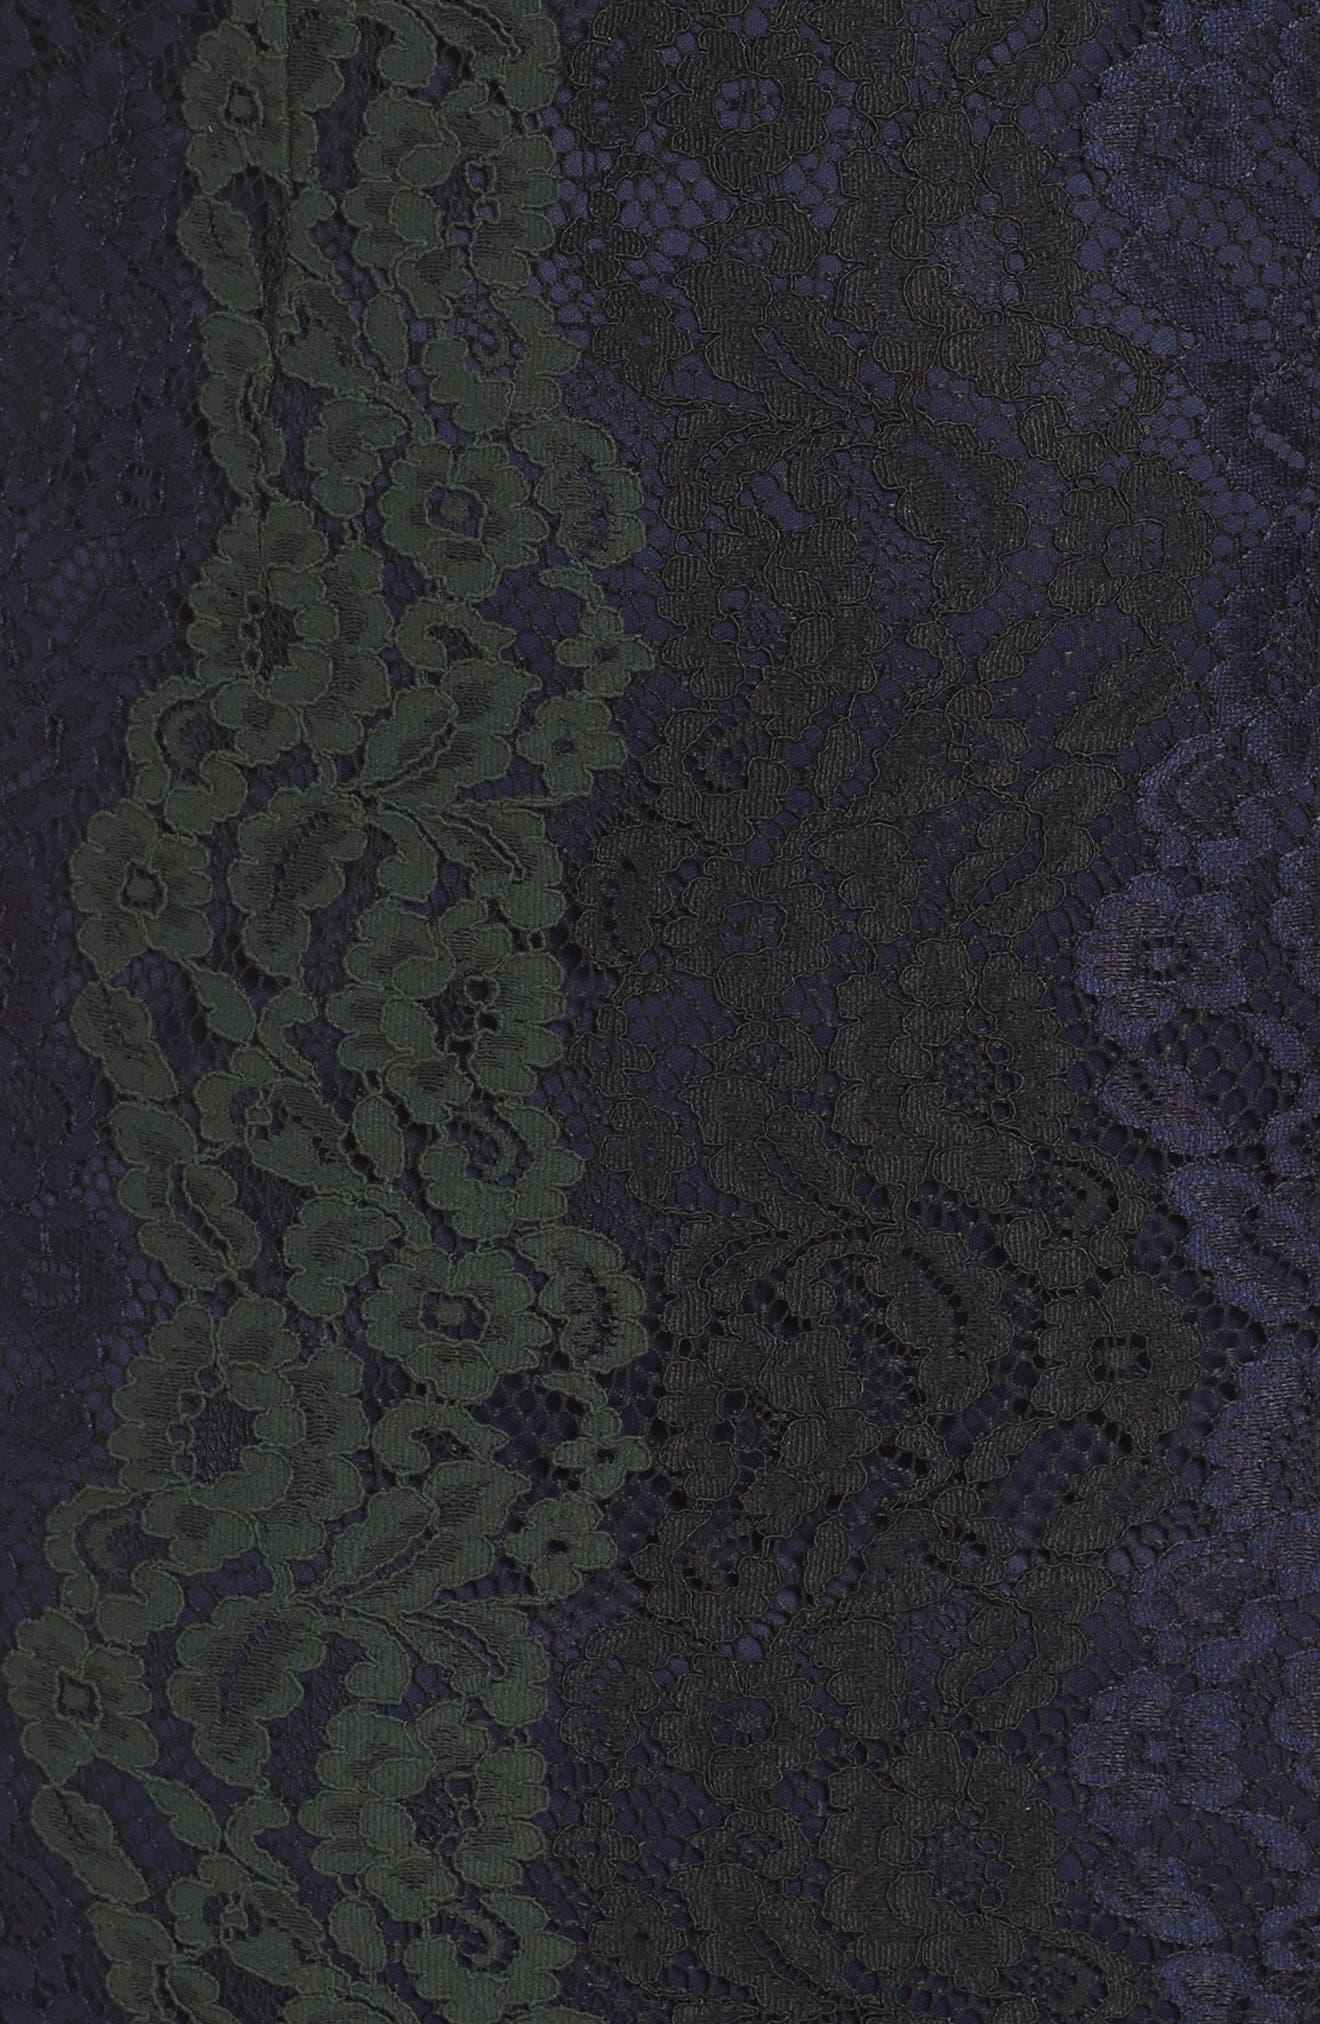 Colorblock Lace Sheath Lace,                             Alternate thumbnail 5, color,                             398